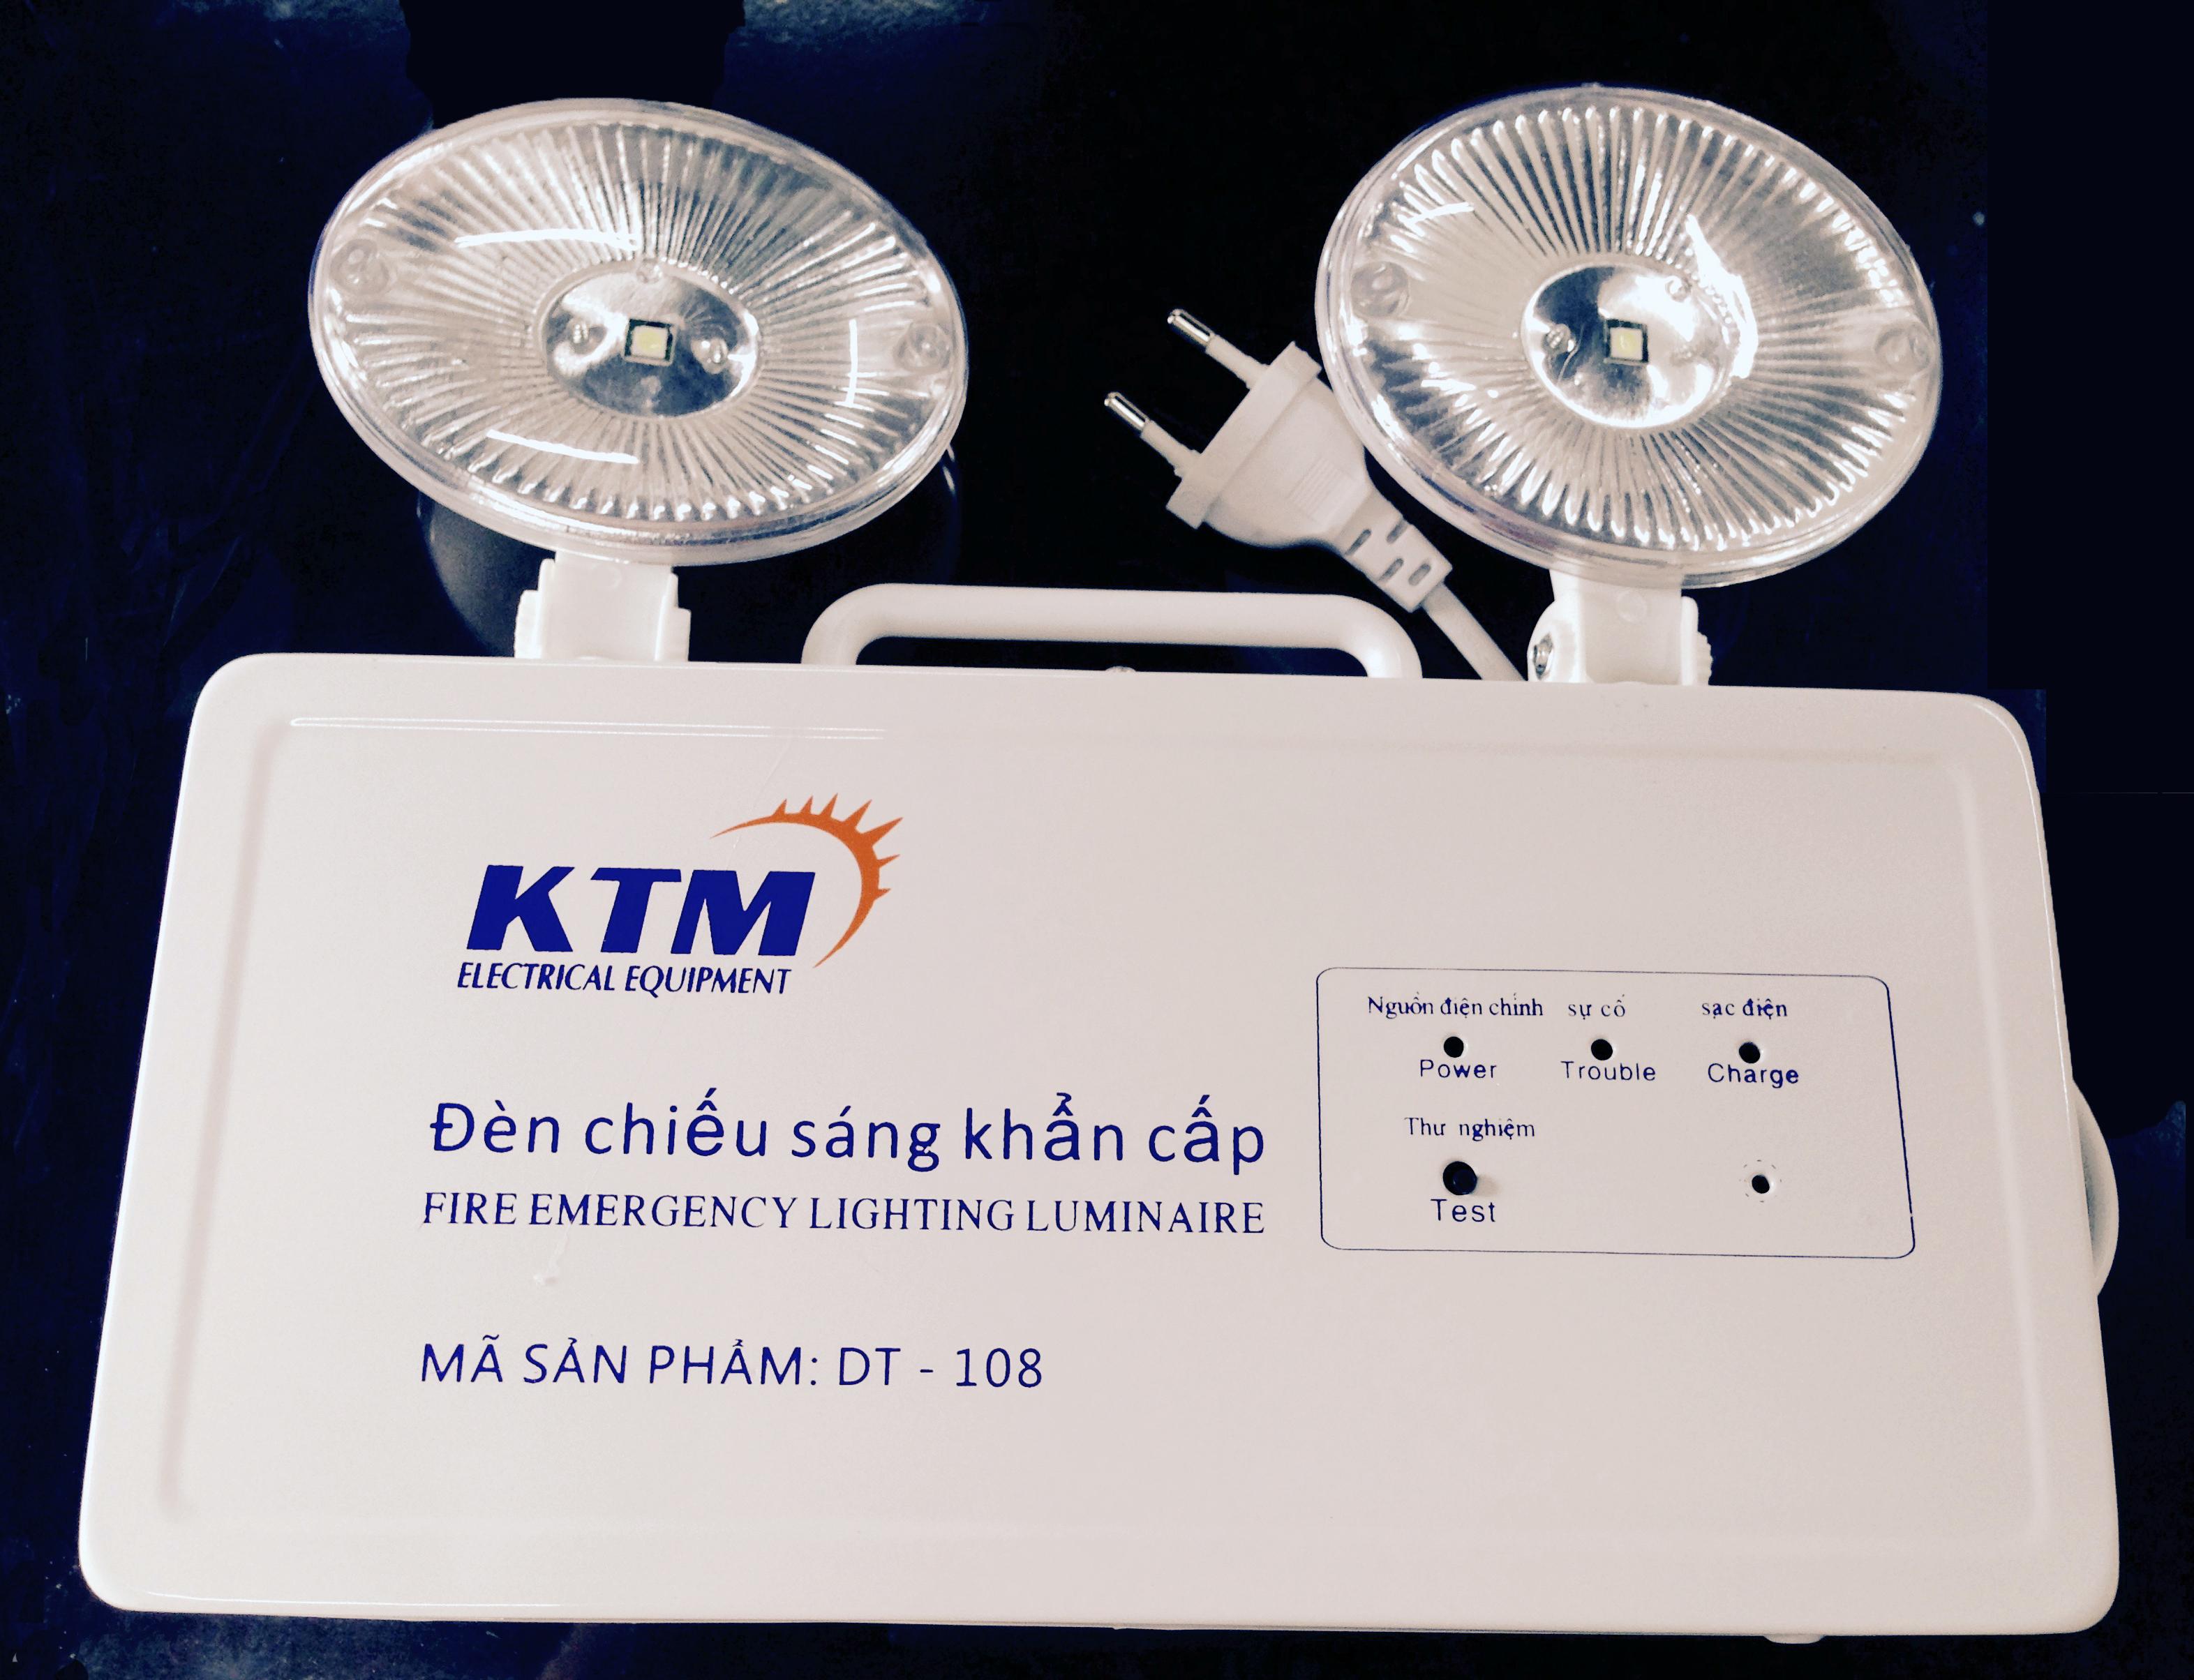 Đèn sự cố DT - 108